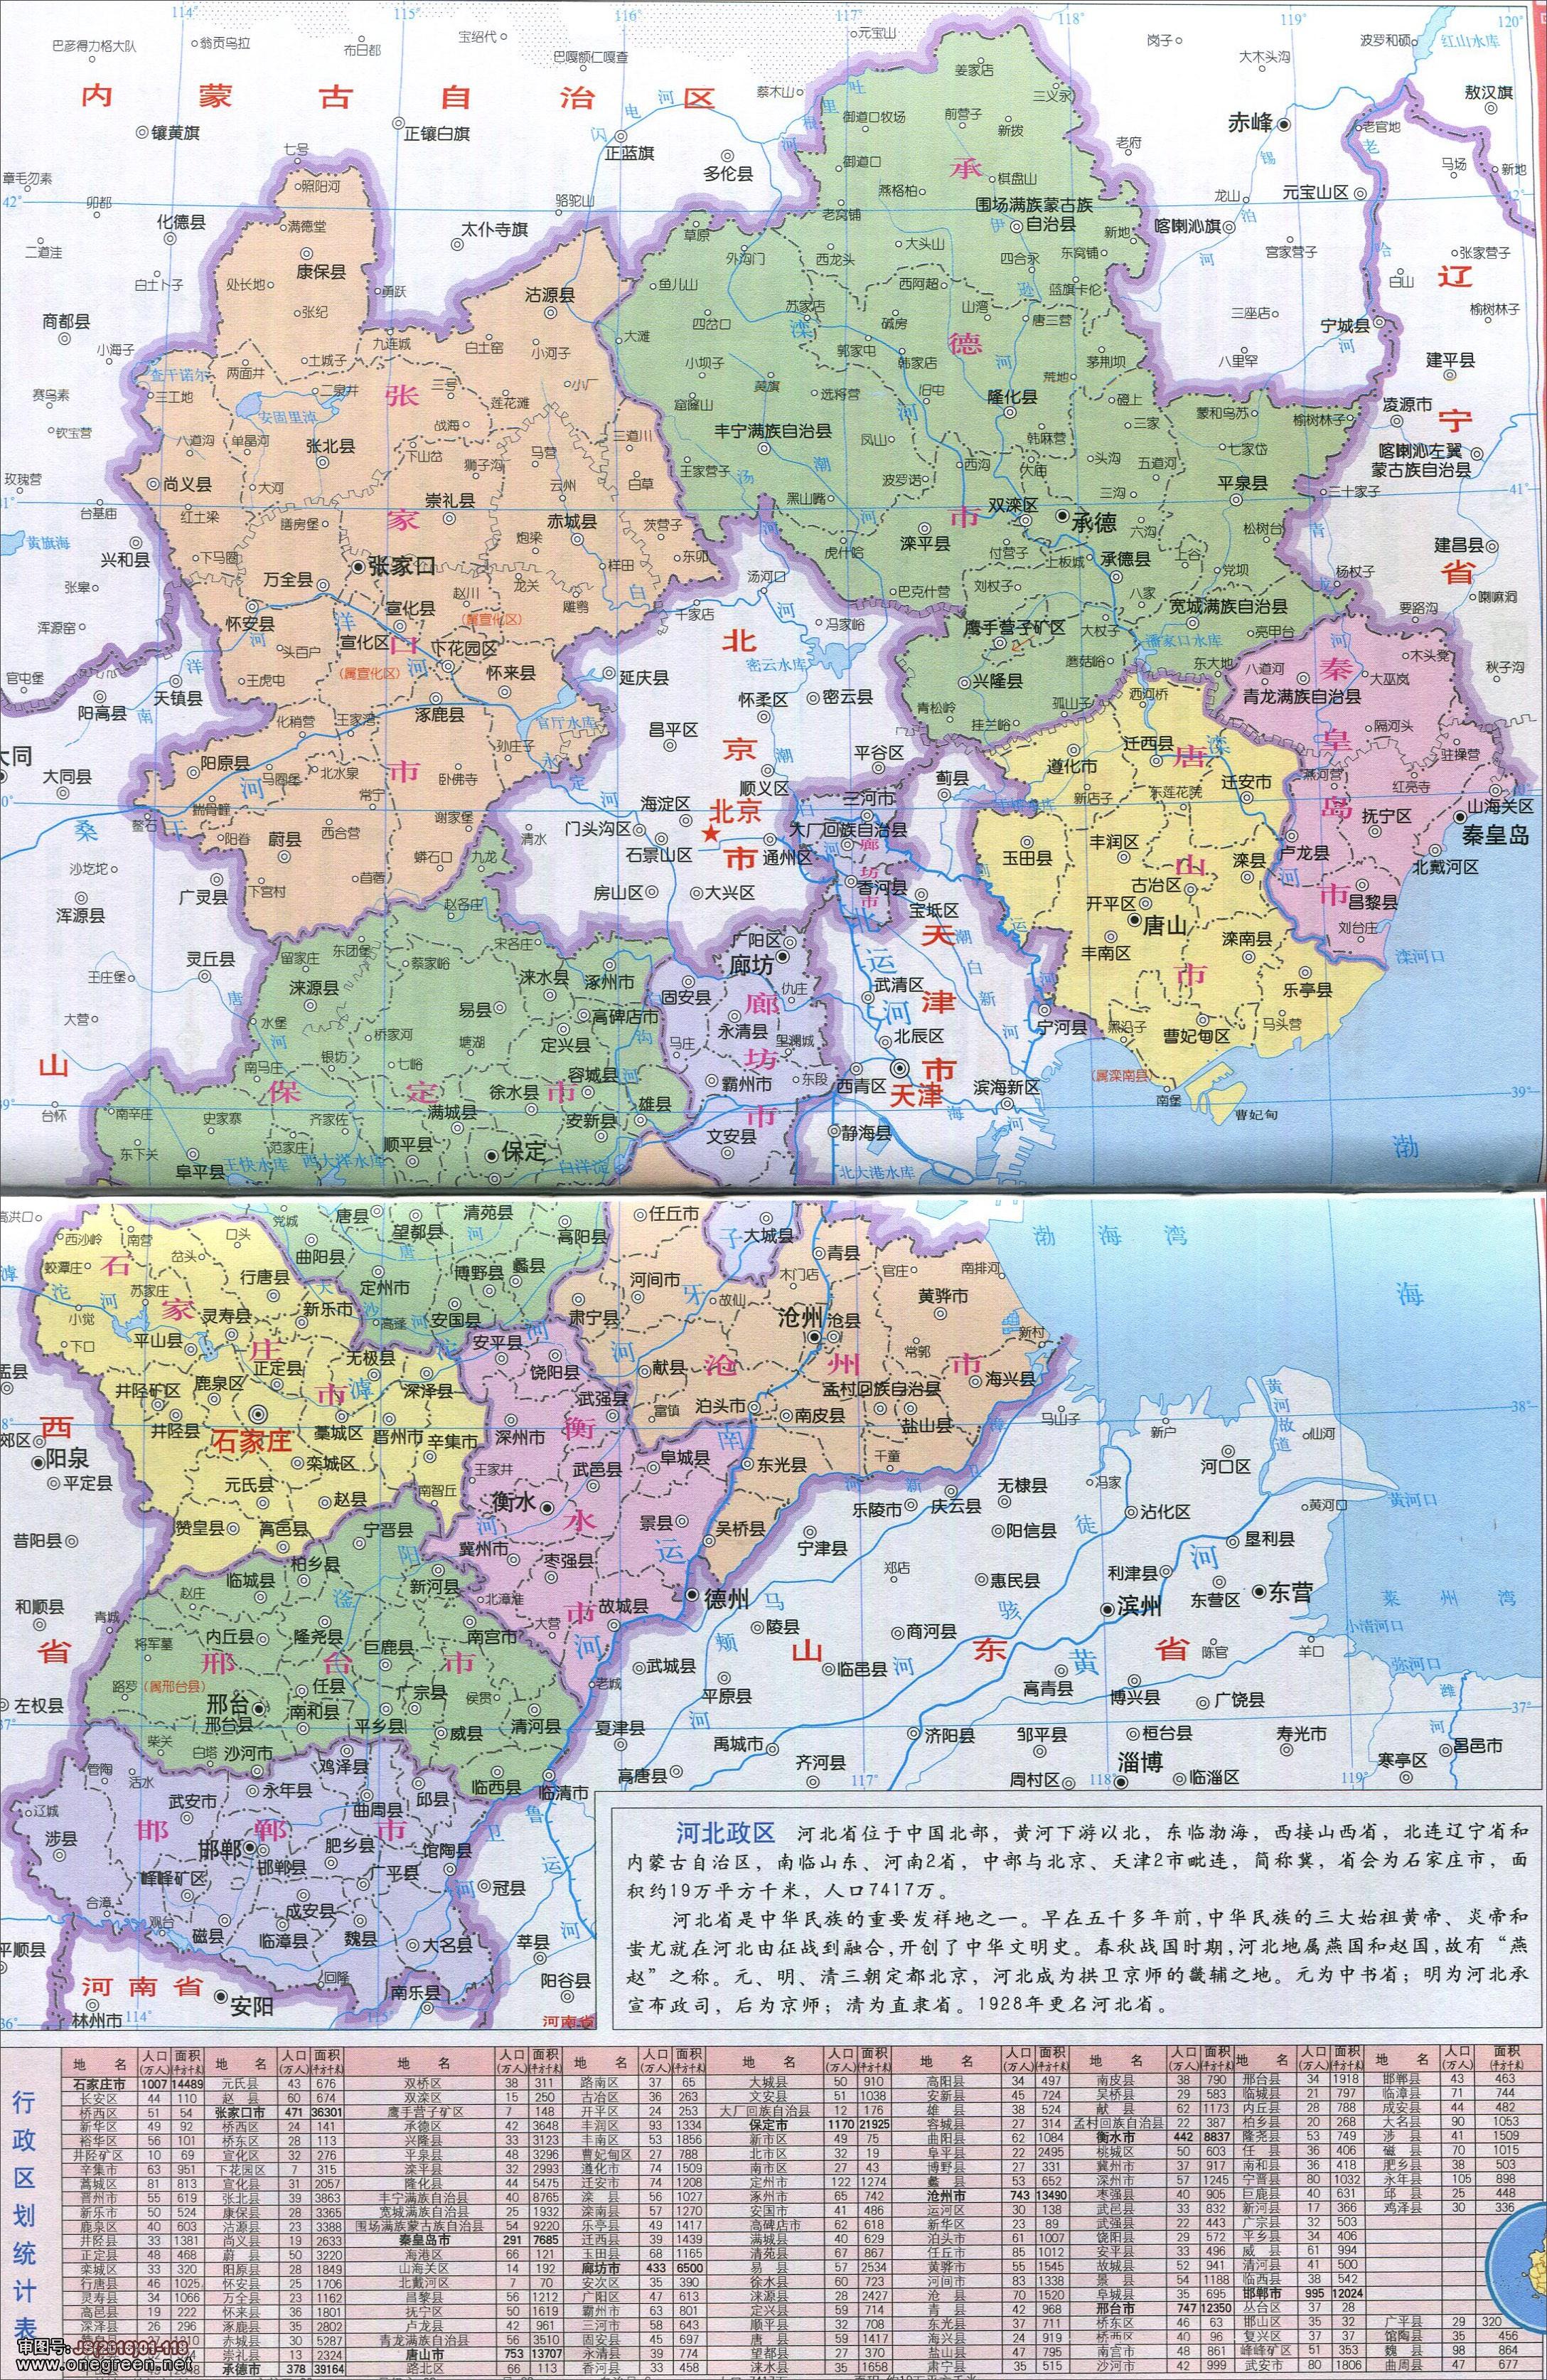 河北省地图高清版图片